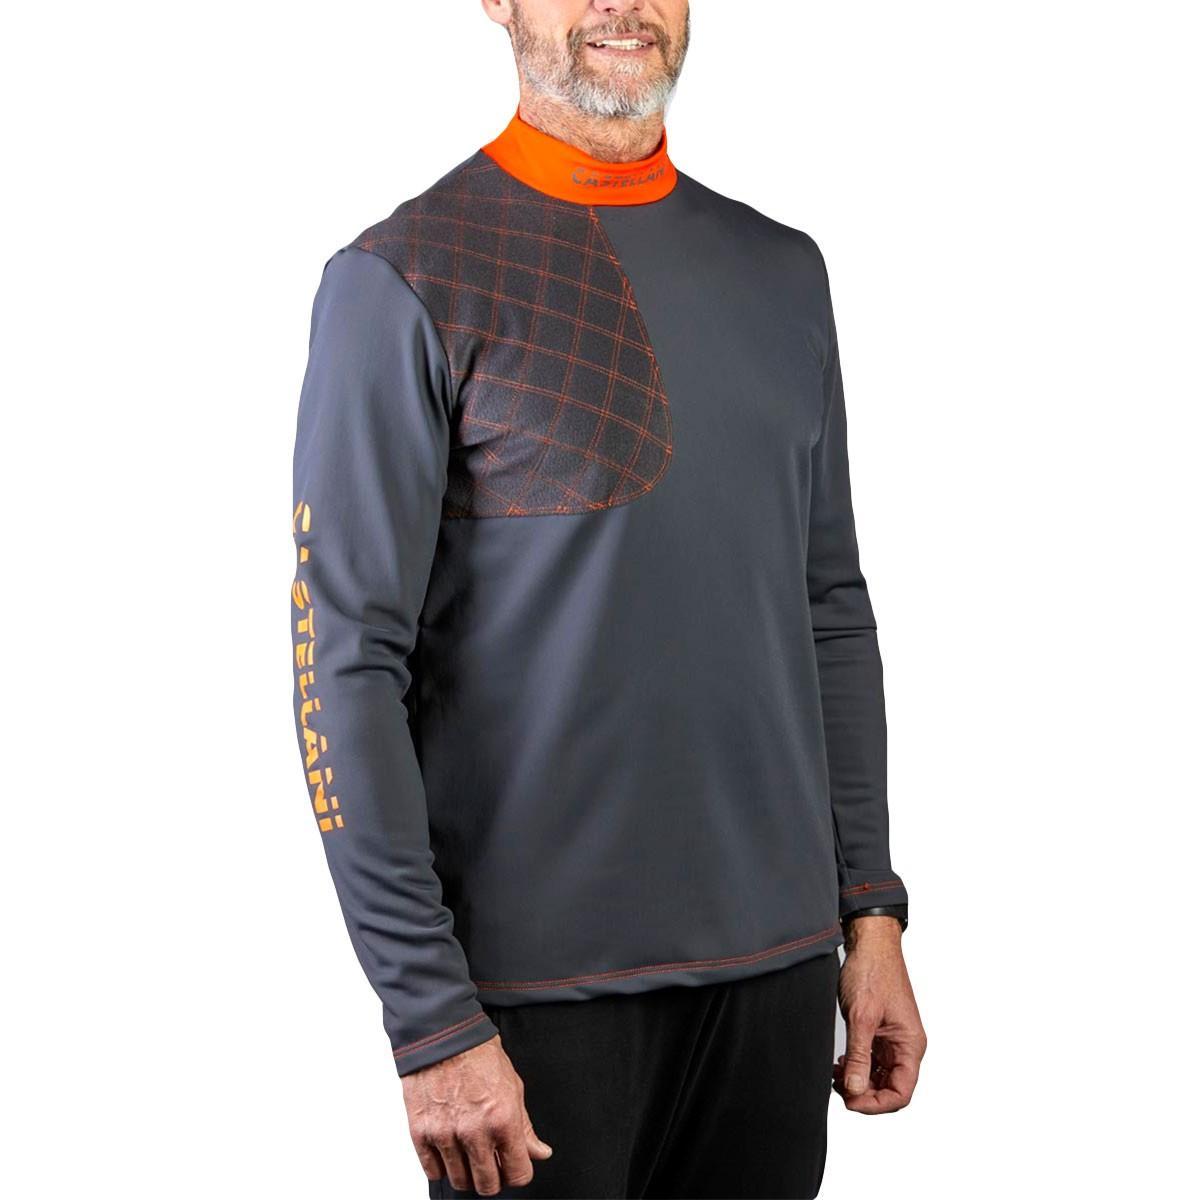 Camiseta Hidro Hombre Gris y Naranja